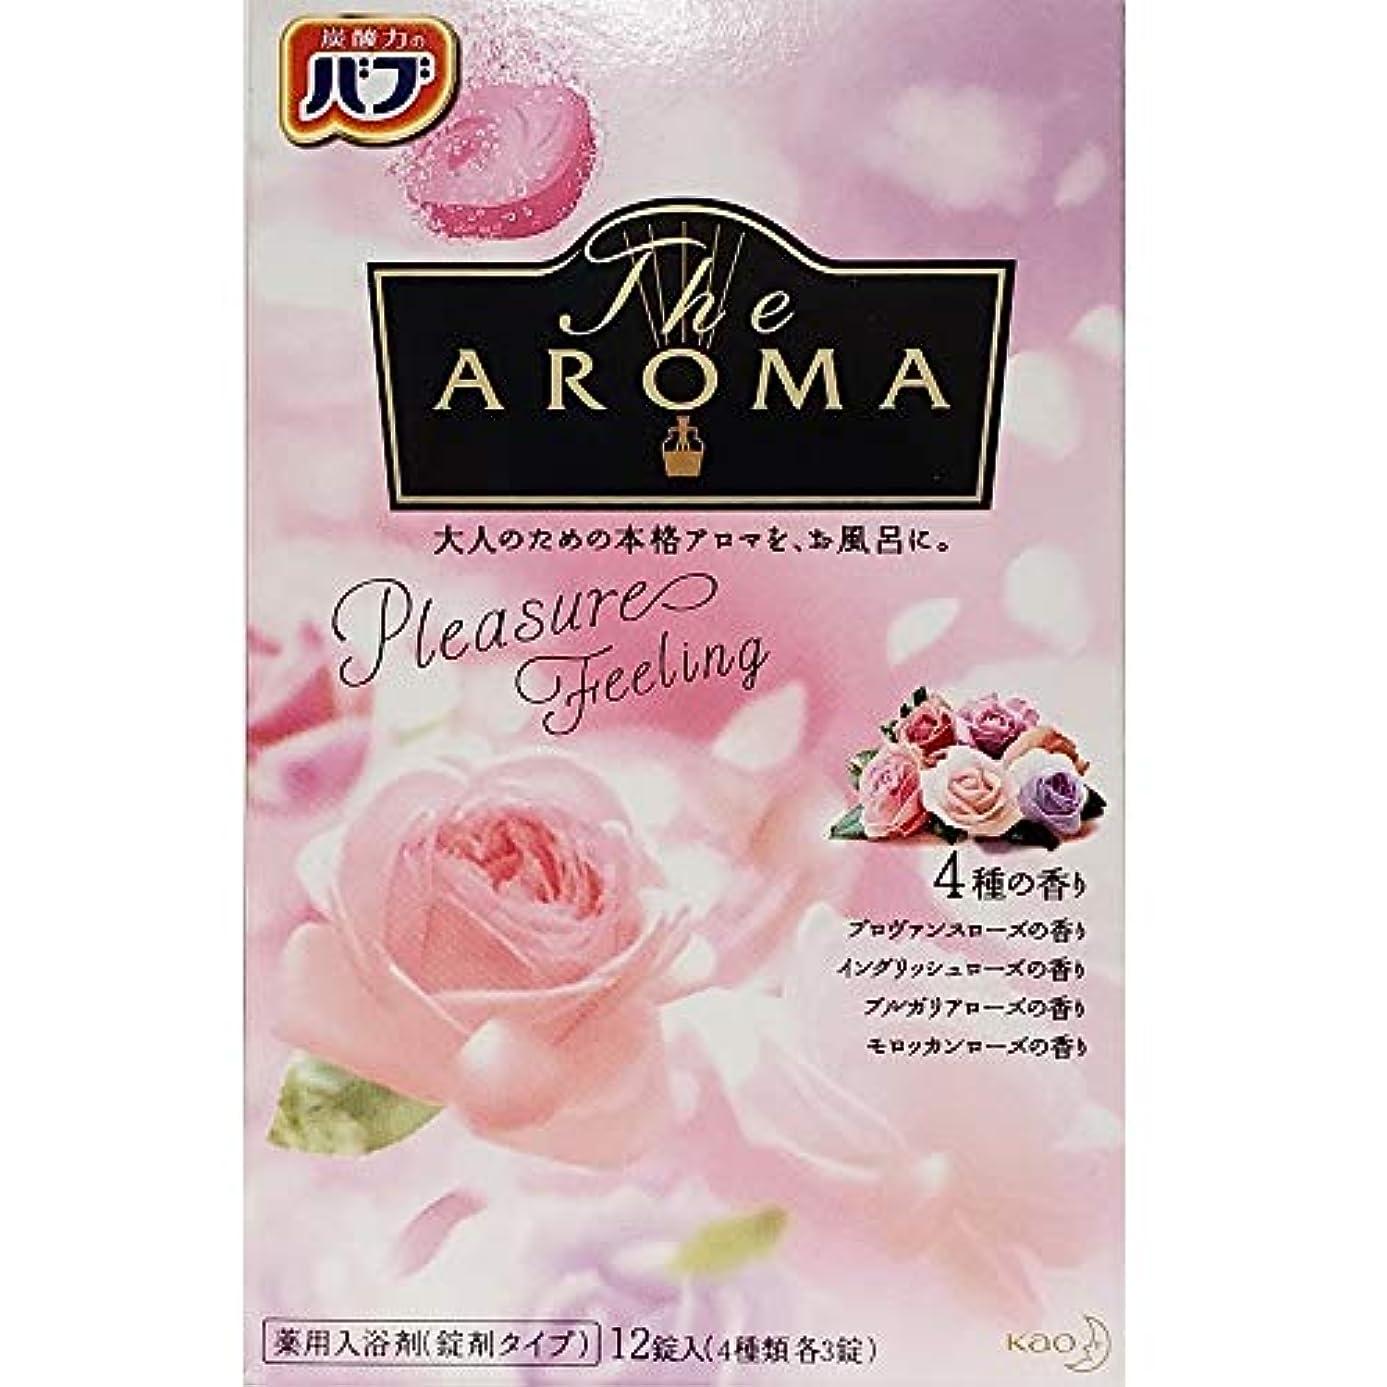 バブ The Aroma Pleasure Feeling 40g×12錠(4種類 各3錠) 医薬部外品